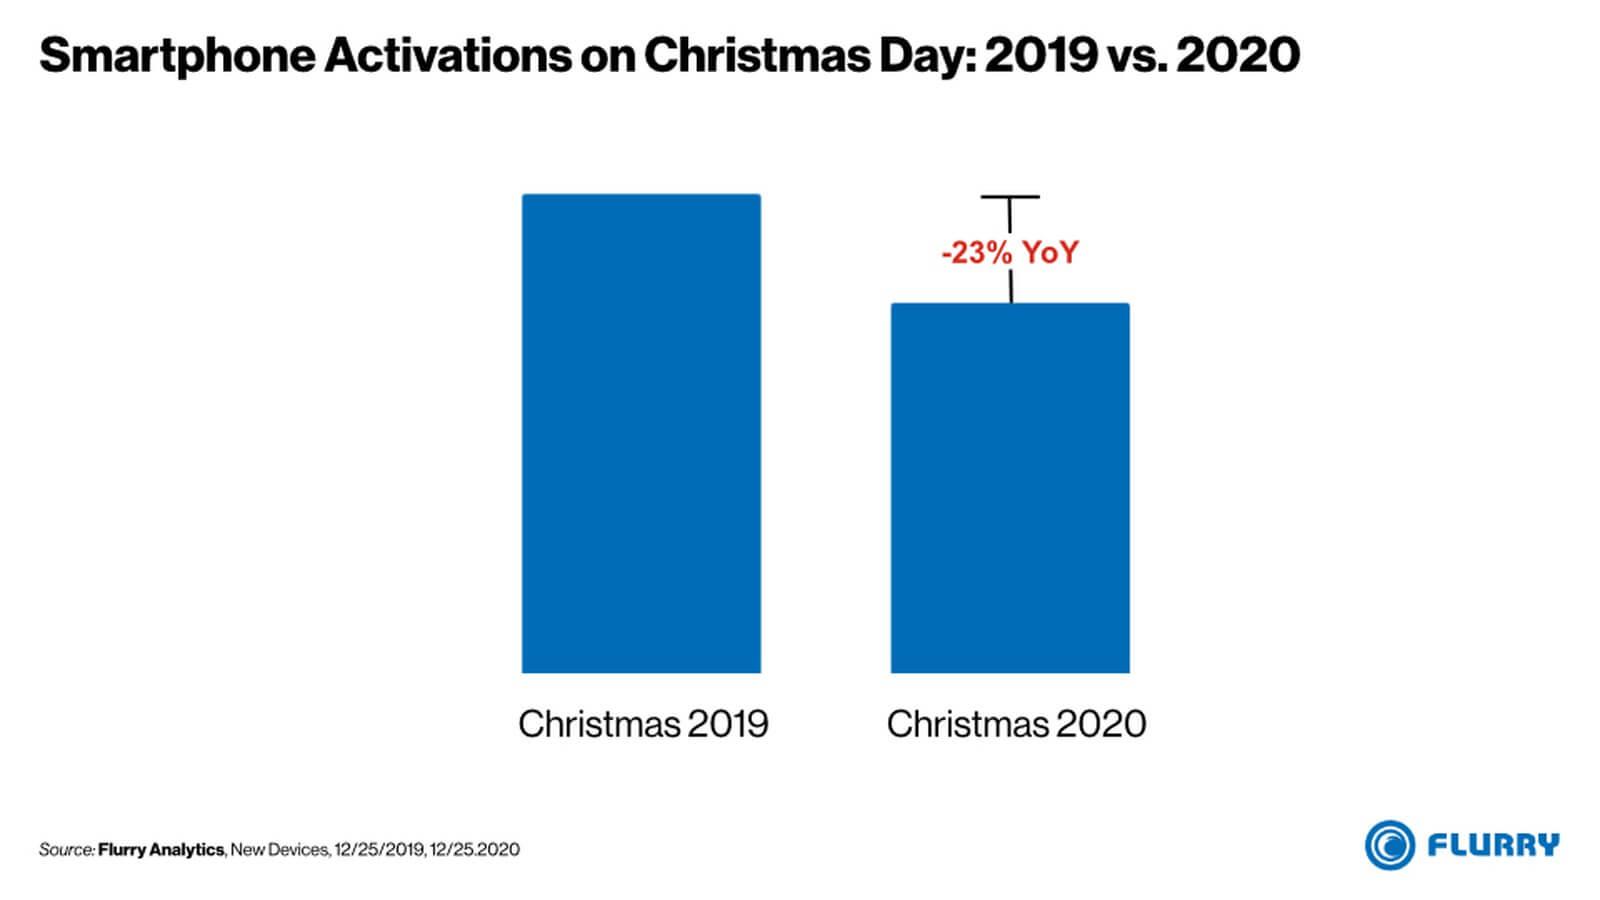 Aktywacja smartfonów w Boże Narodzenie w USA (2019 vs 2020)